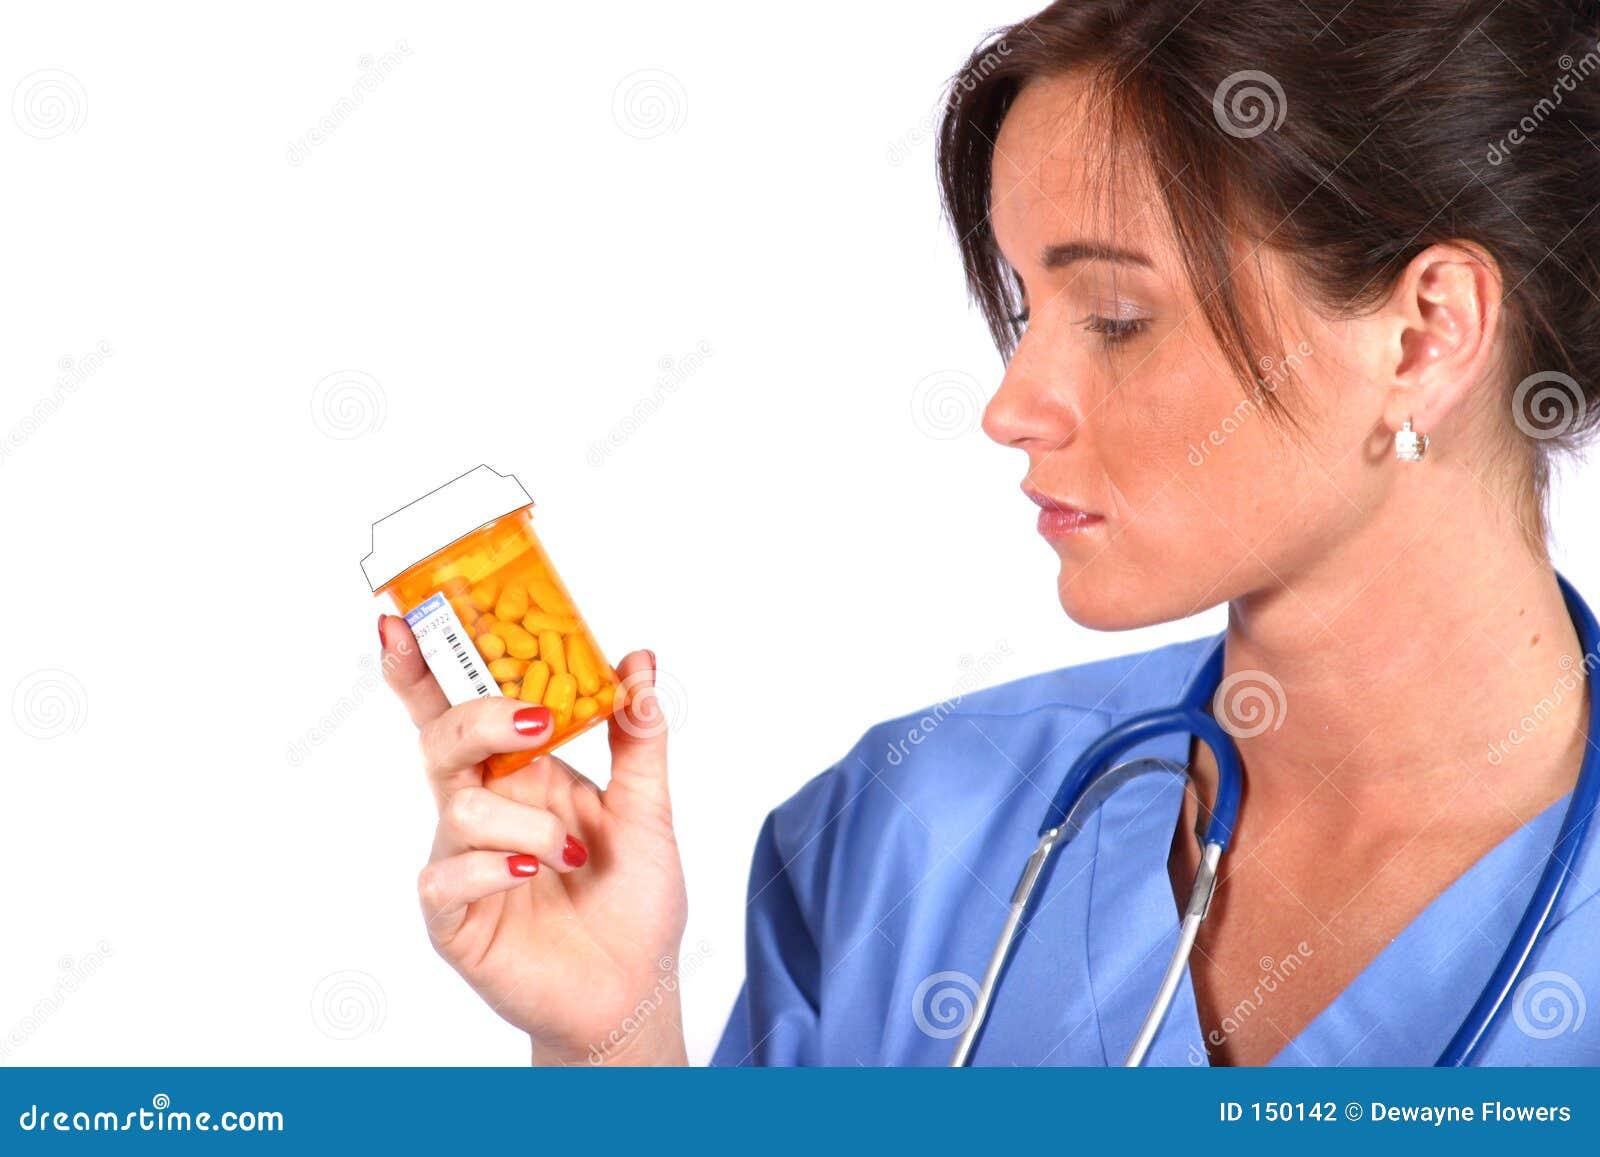 Medcal Worker